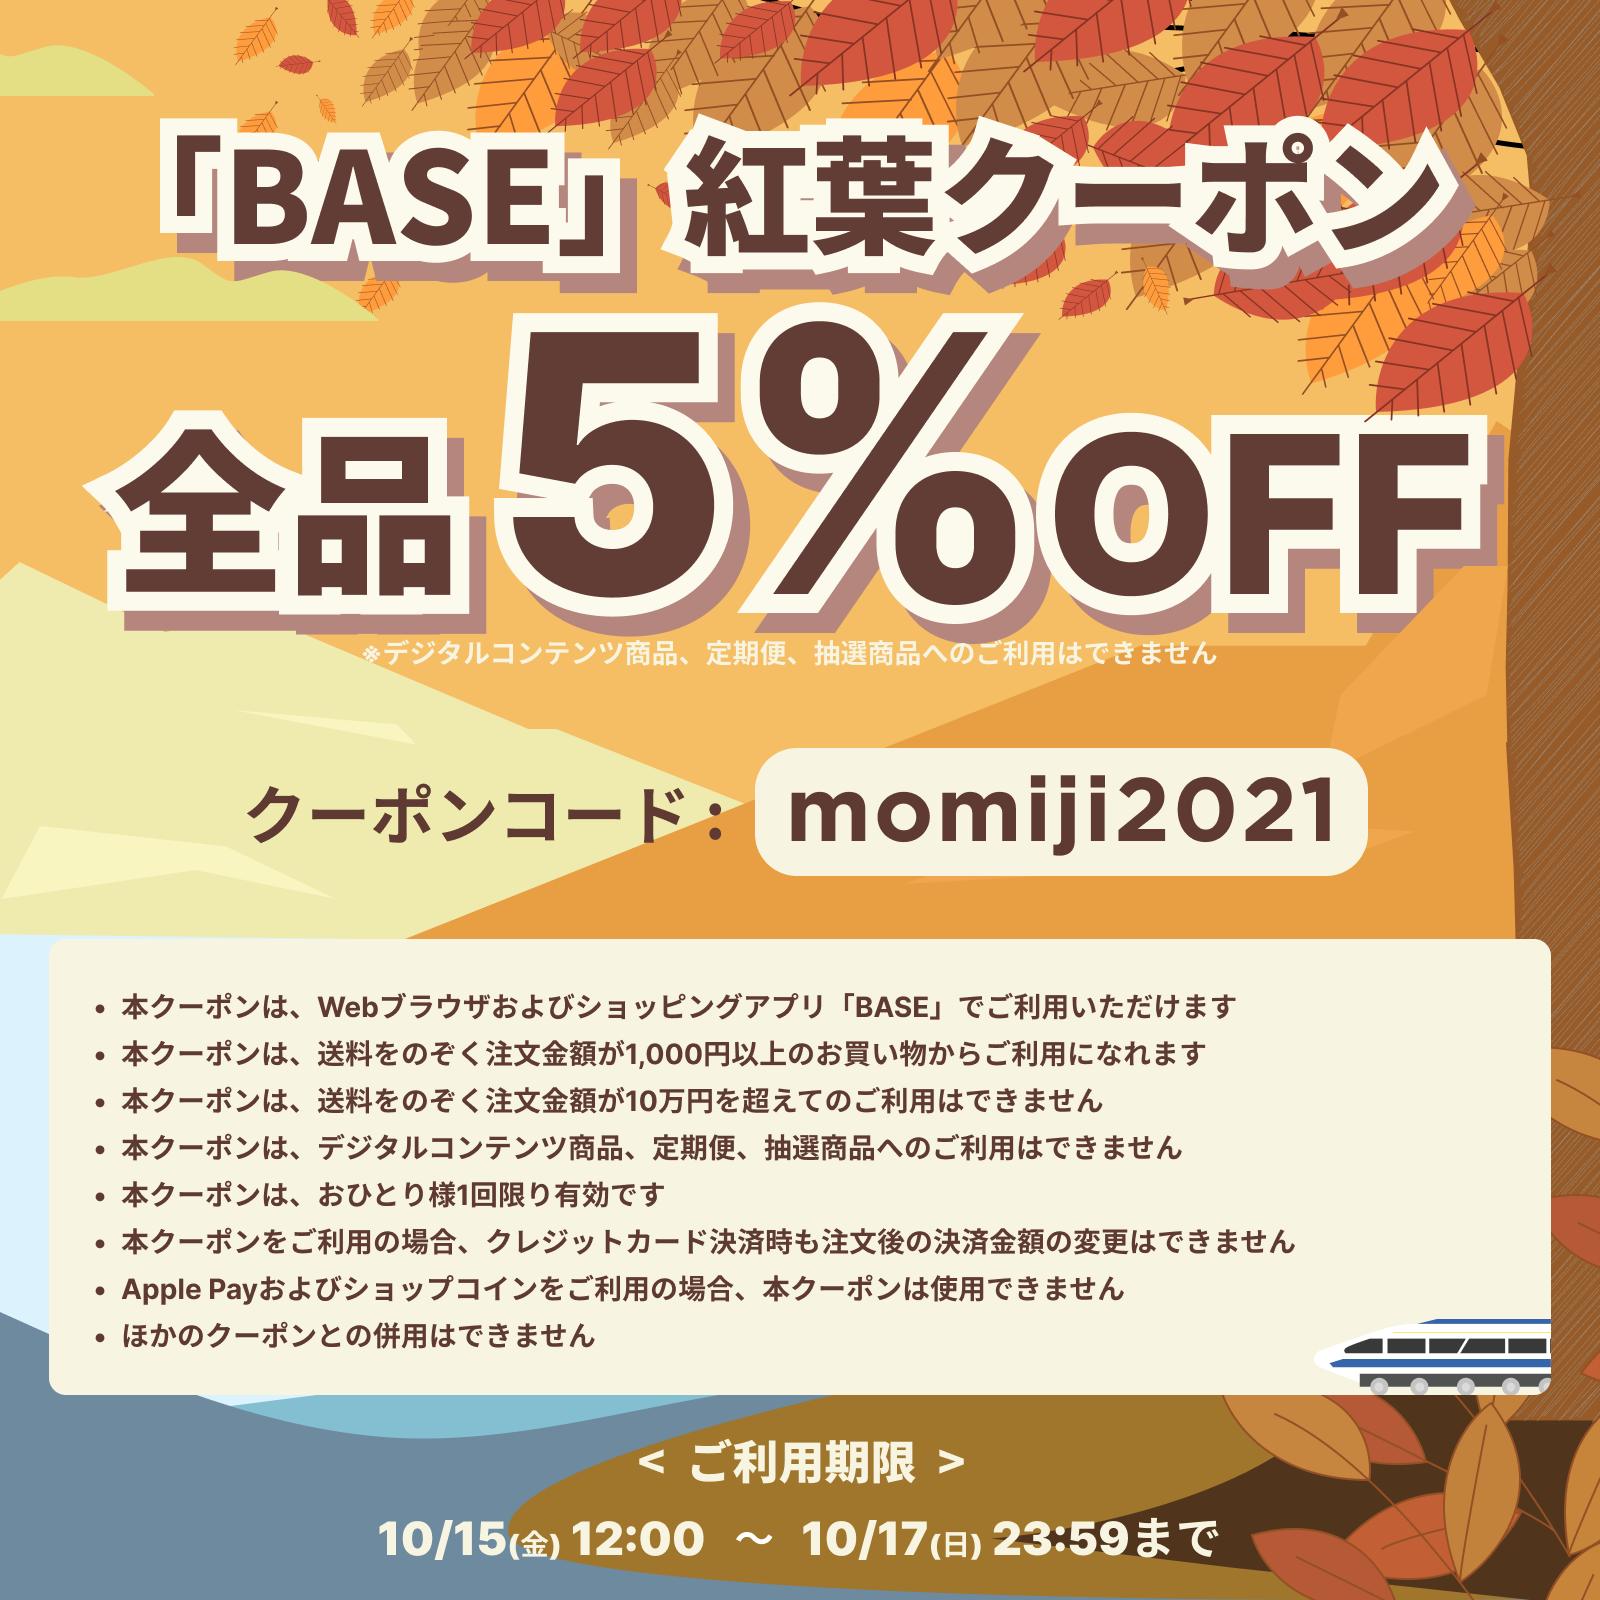 【10/17まで】5%OFF オフクーポン & 5,000円以上のお買い物で送料無料